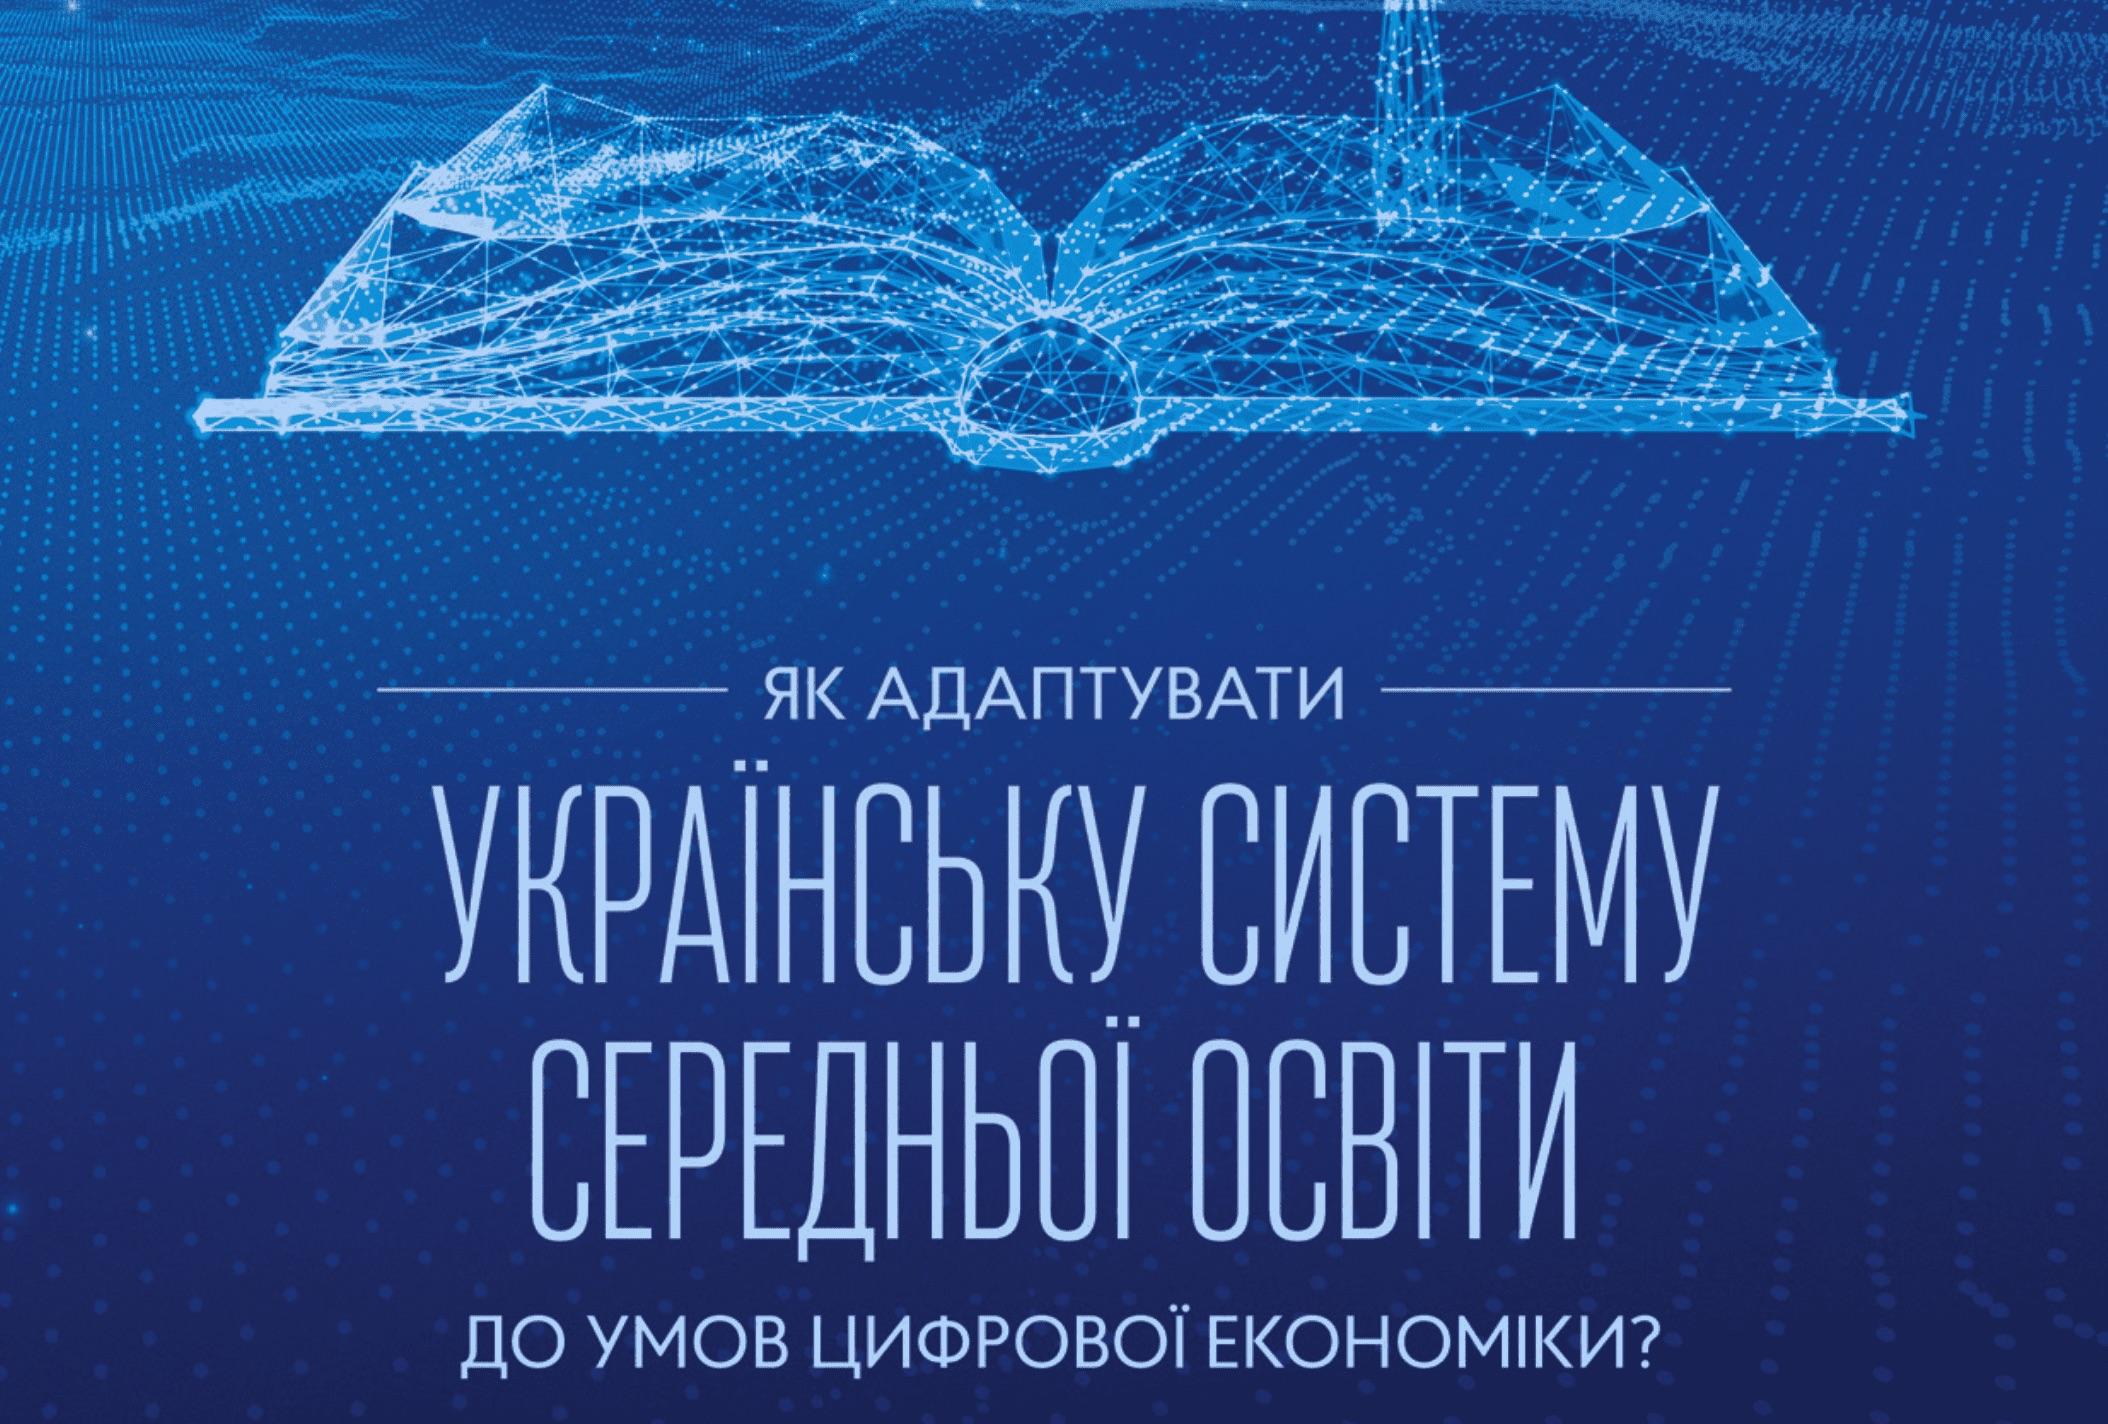 Як адаптувати українську систему середньої освіти до умов цифрової економіки?